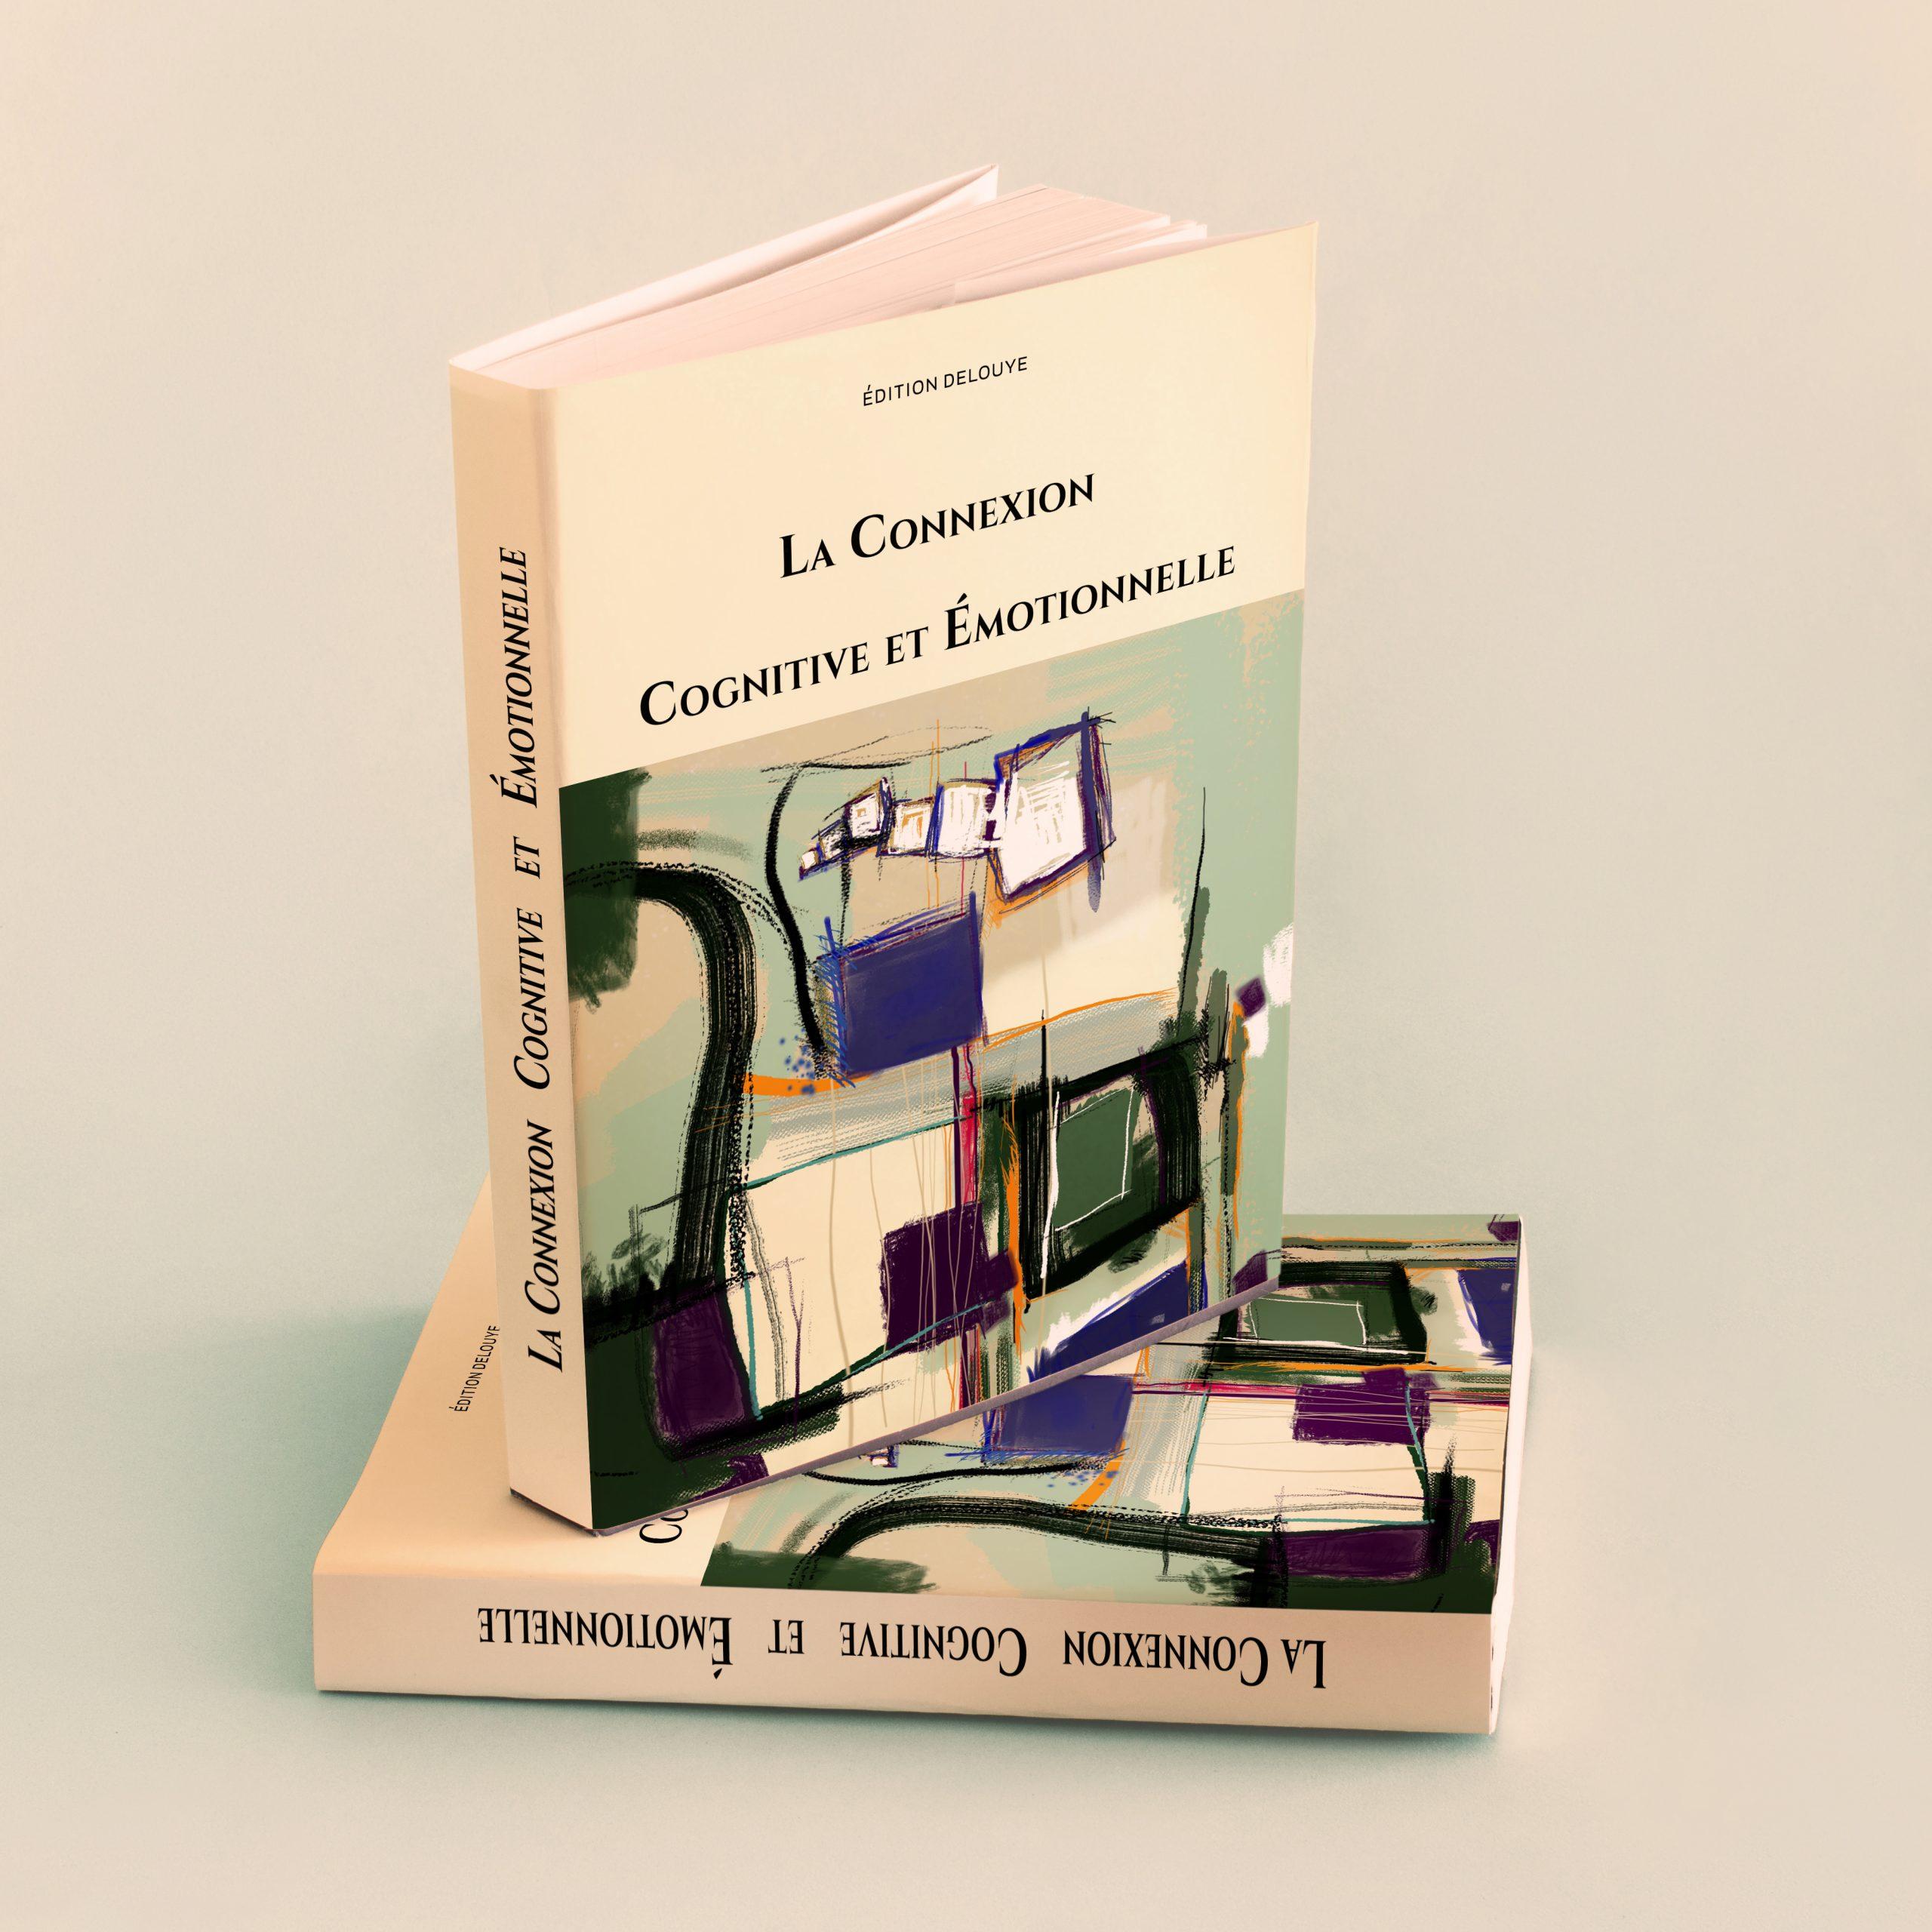 création de digital painting qui illustre la couverture de livre